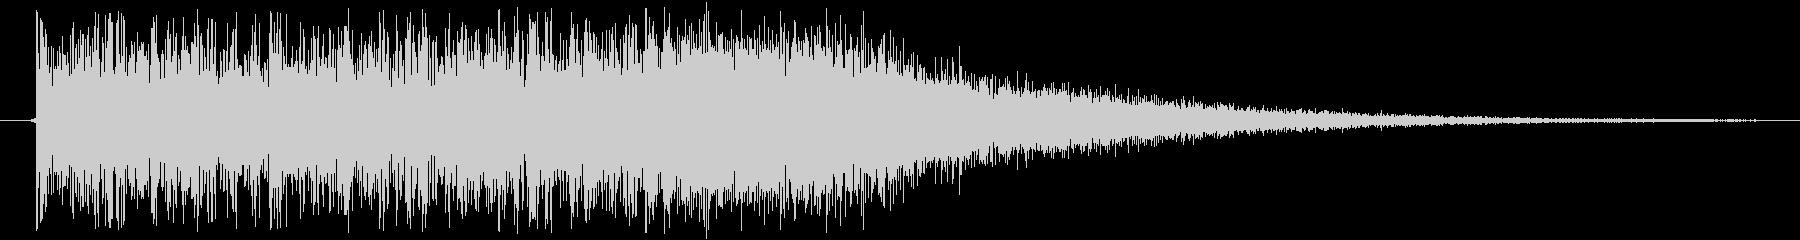 ロック調な激しい正解時サウンドの未再生の波形